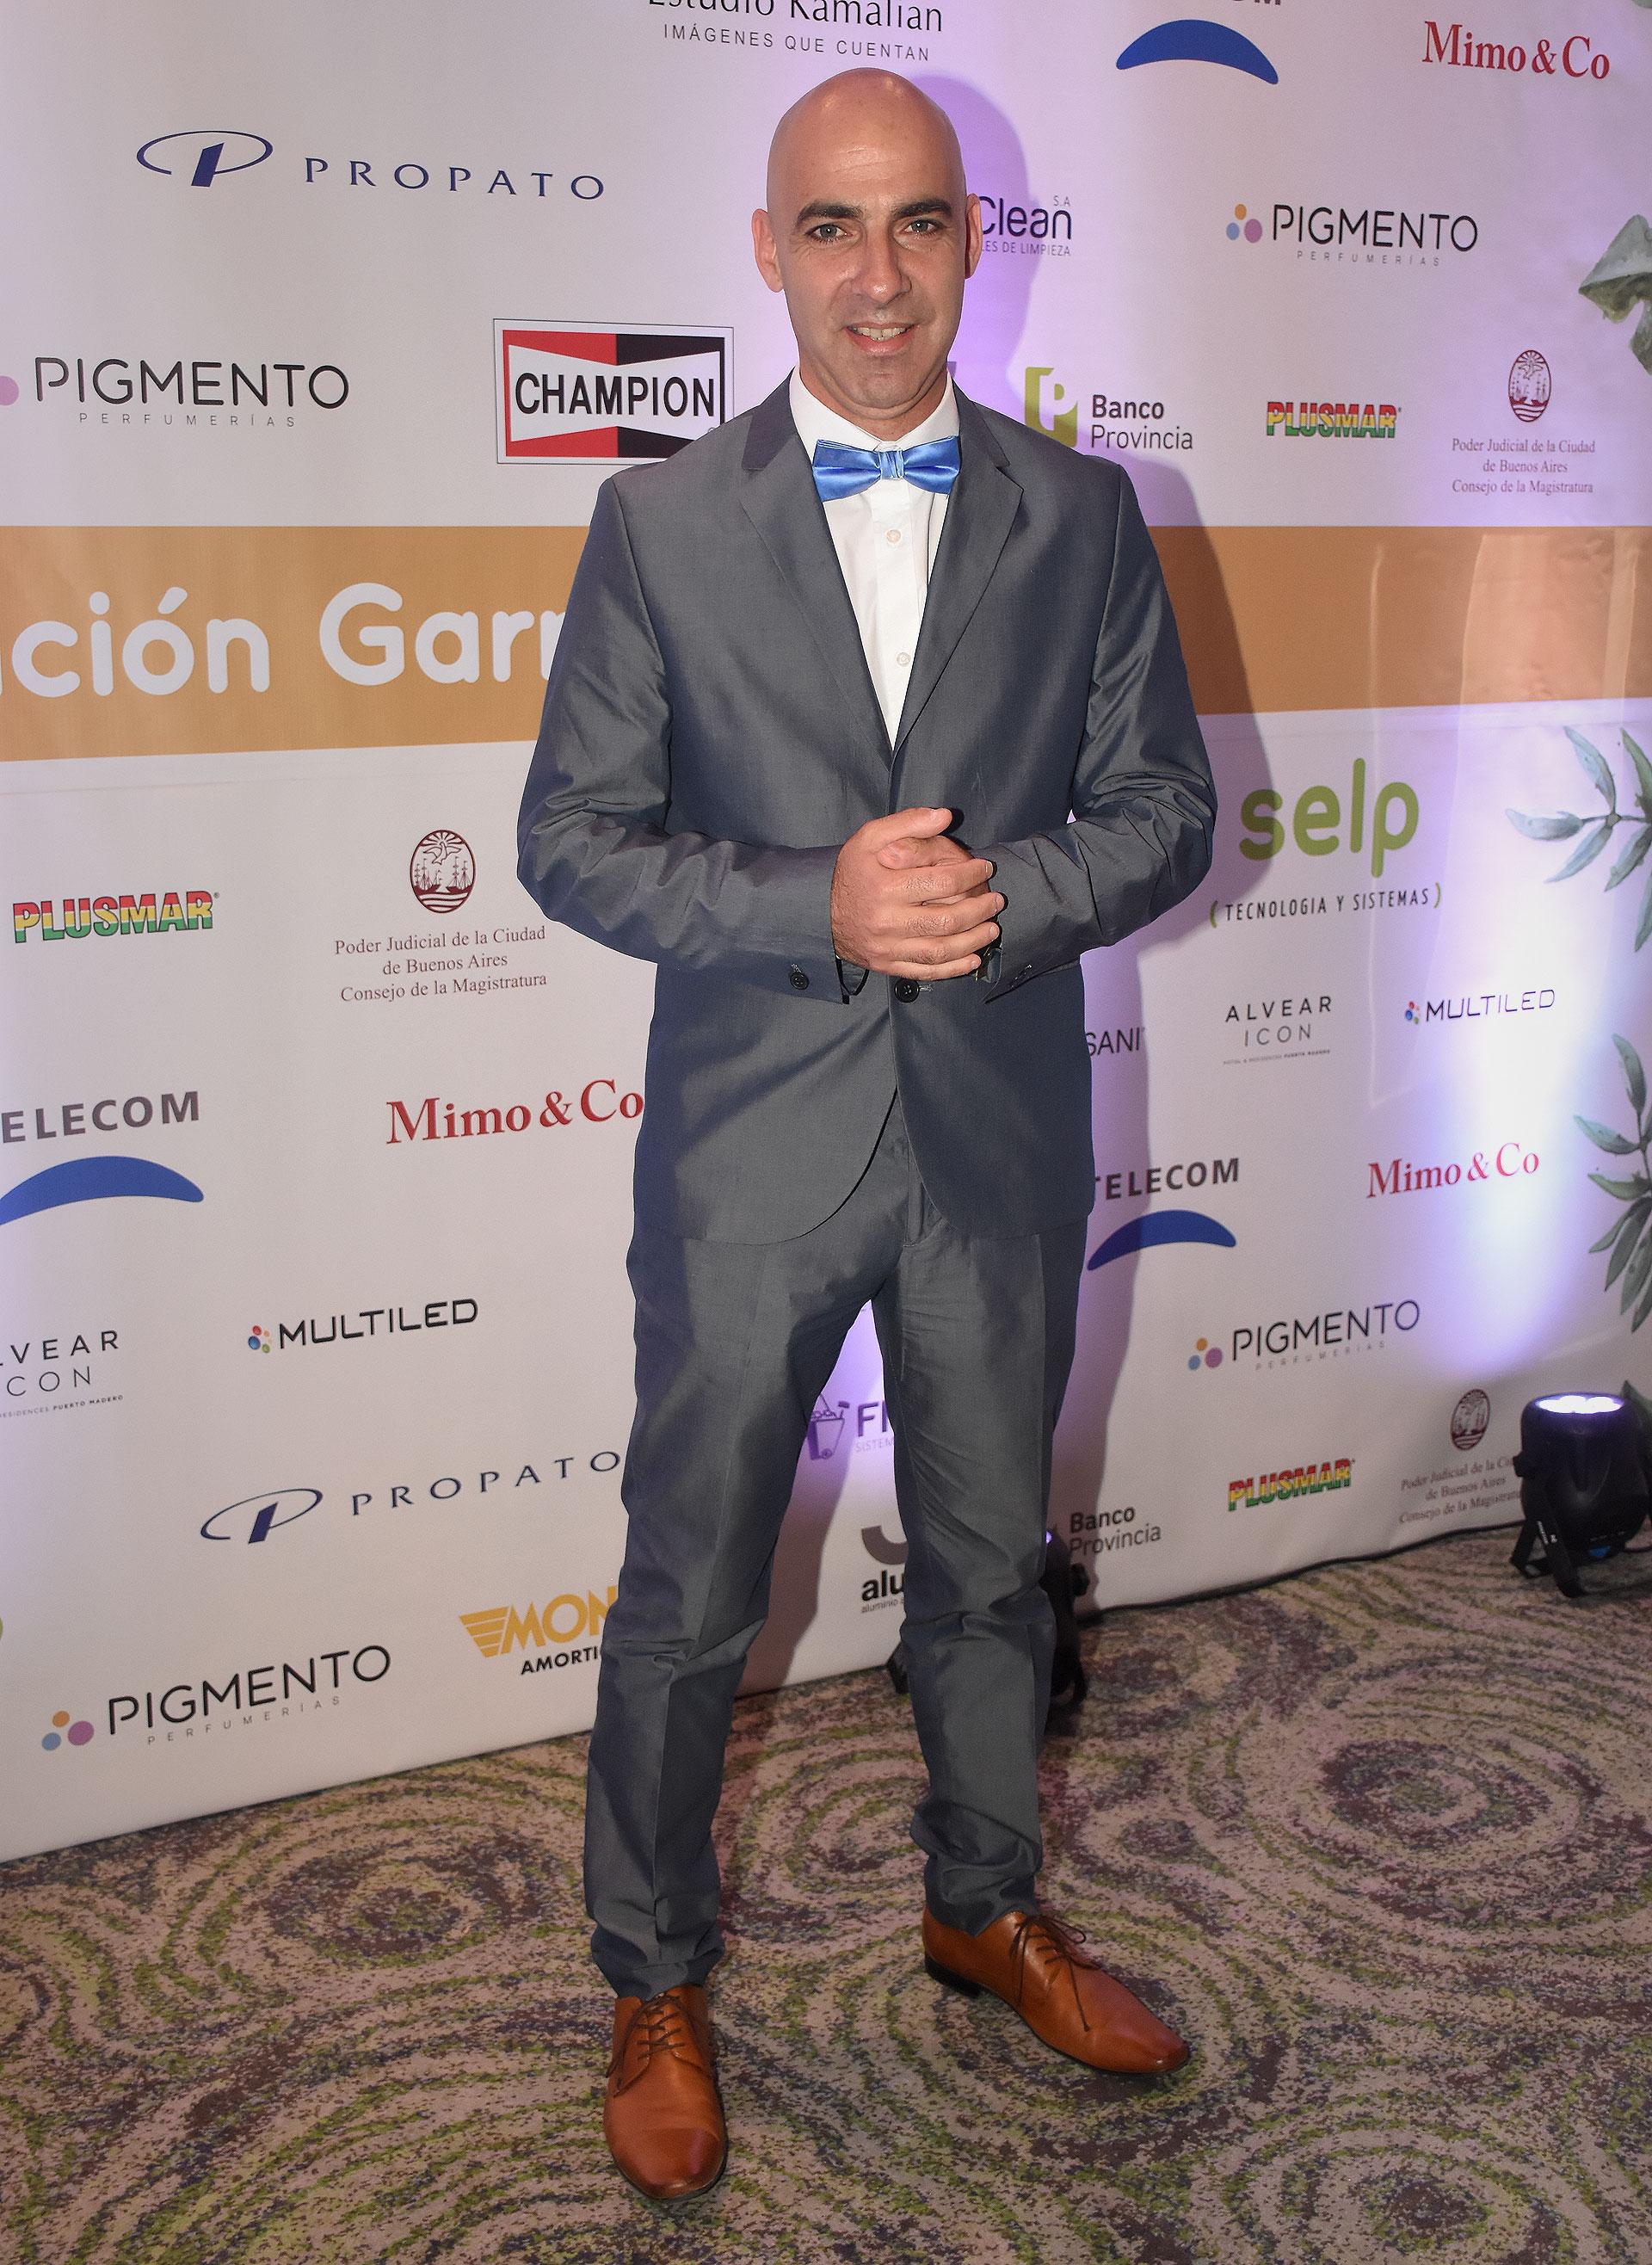 Carlos Kambourian, médico y presidente del Consejo de Administración del Hospital Garrahan